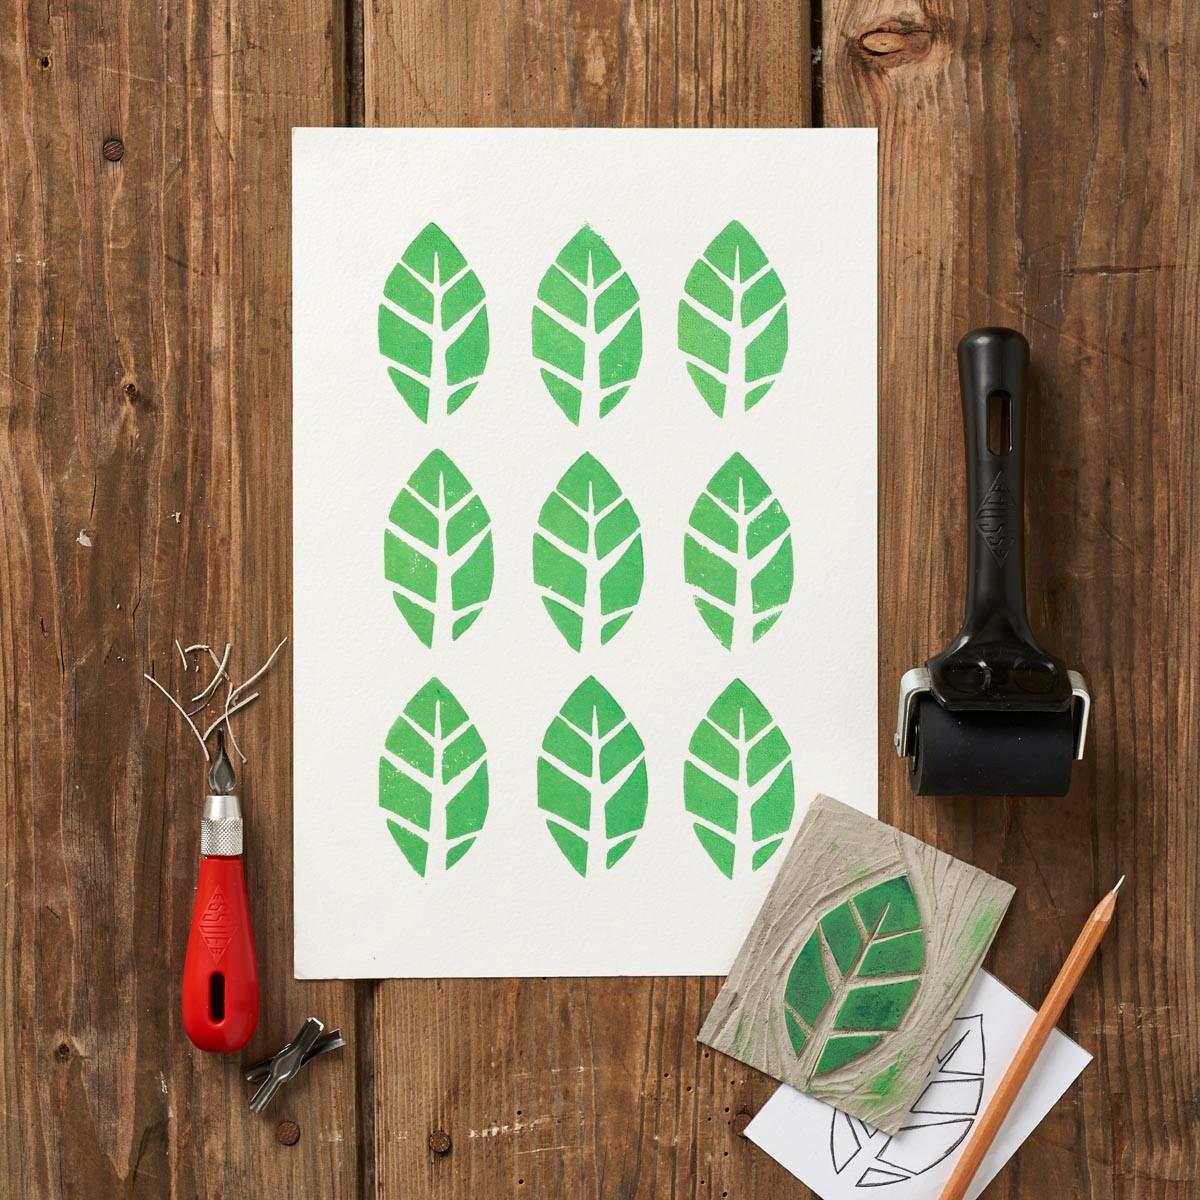 Linocut leaf stamp design